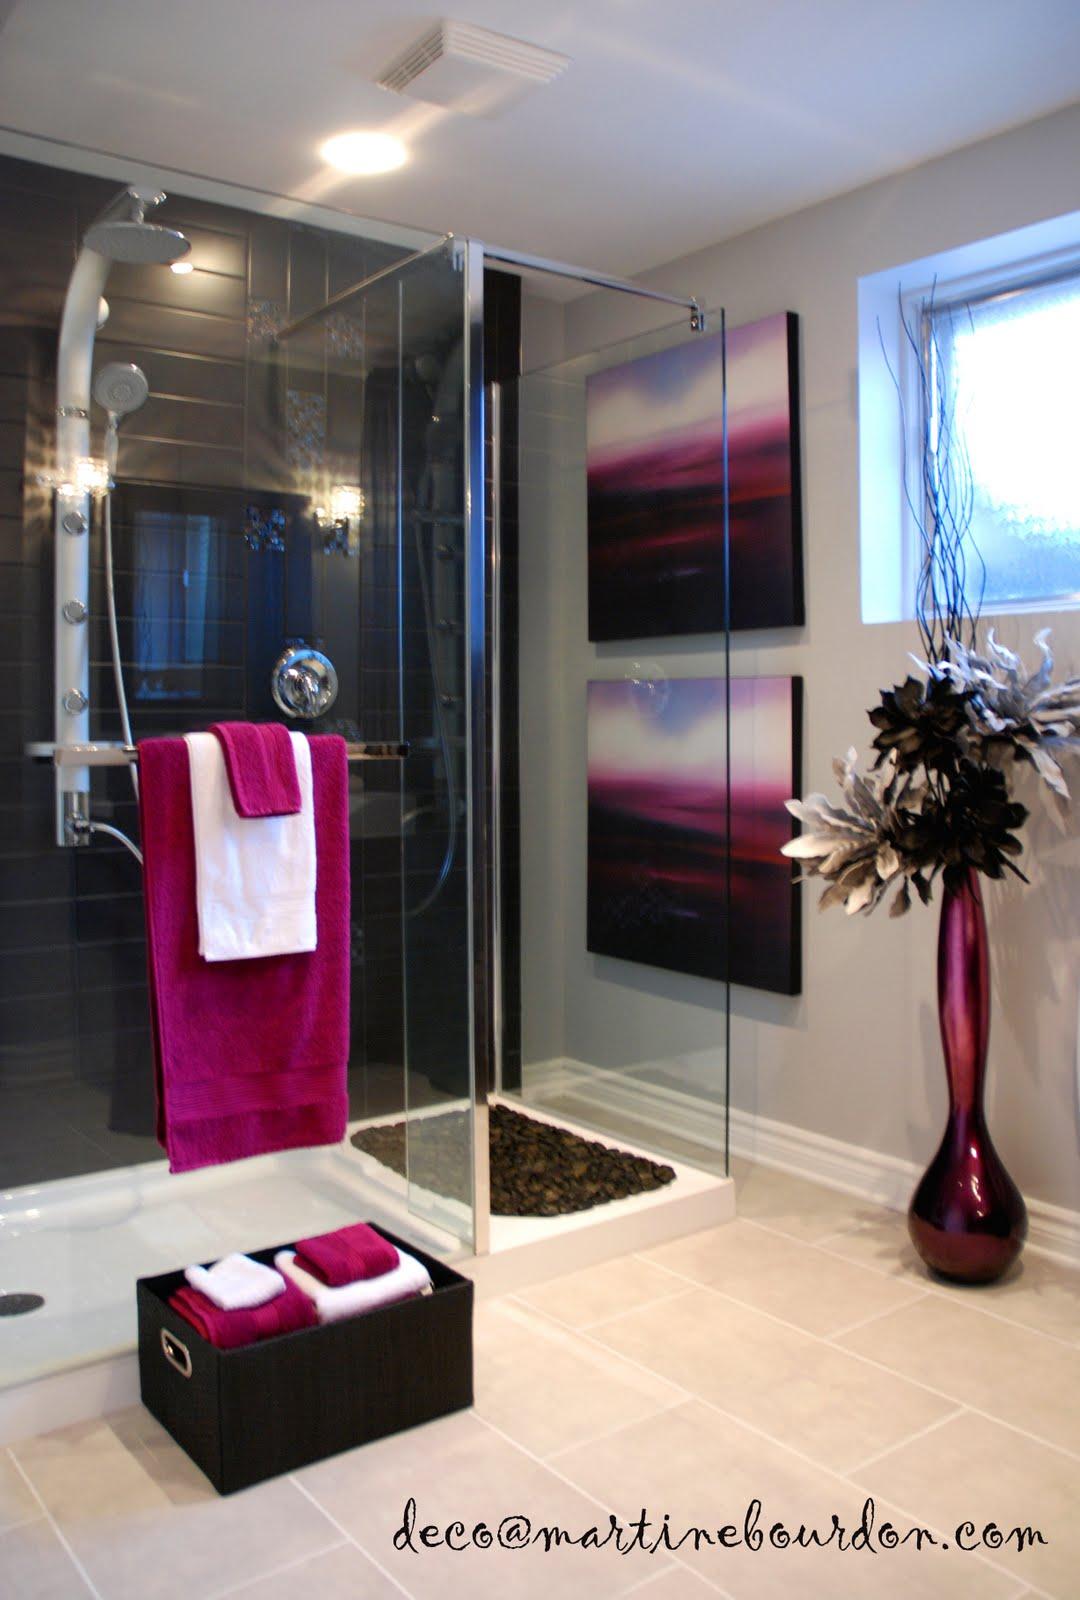 L 39 espace d co un sous sol une salle de bain et de la for Decoration fenetre sous sol